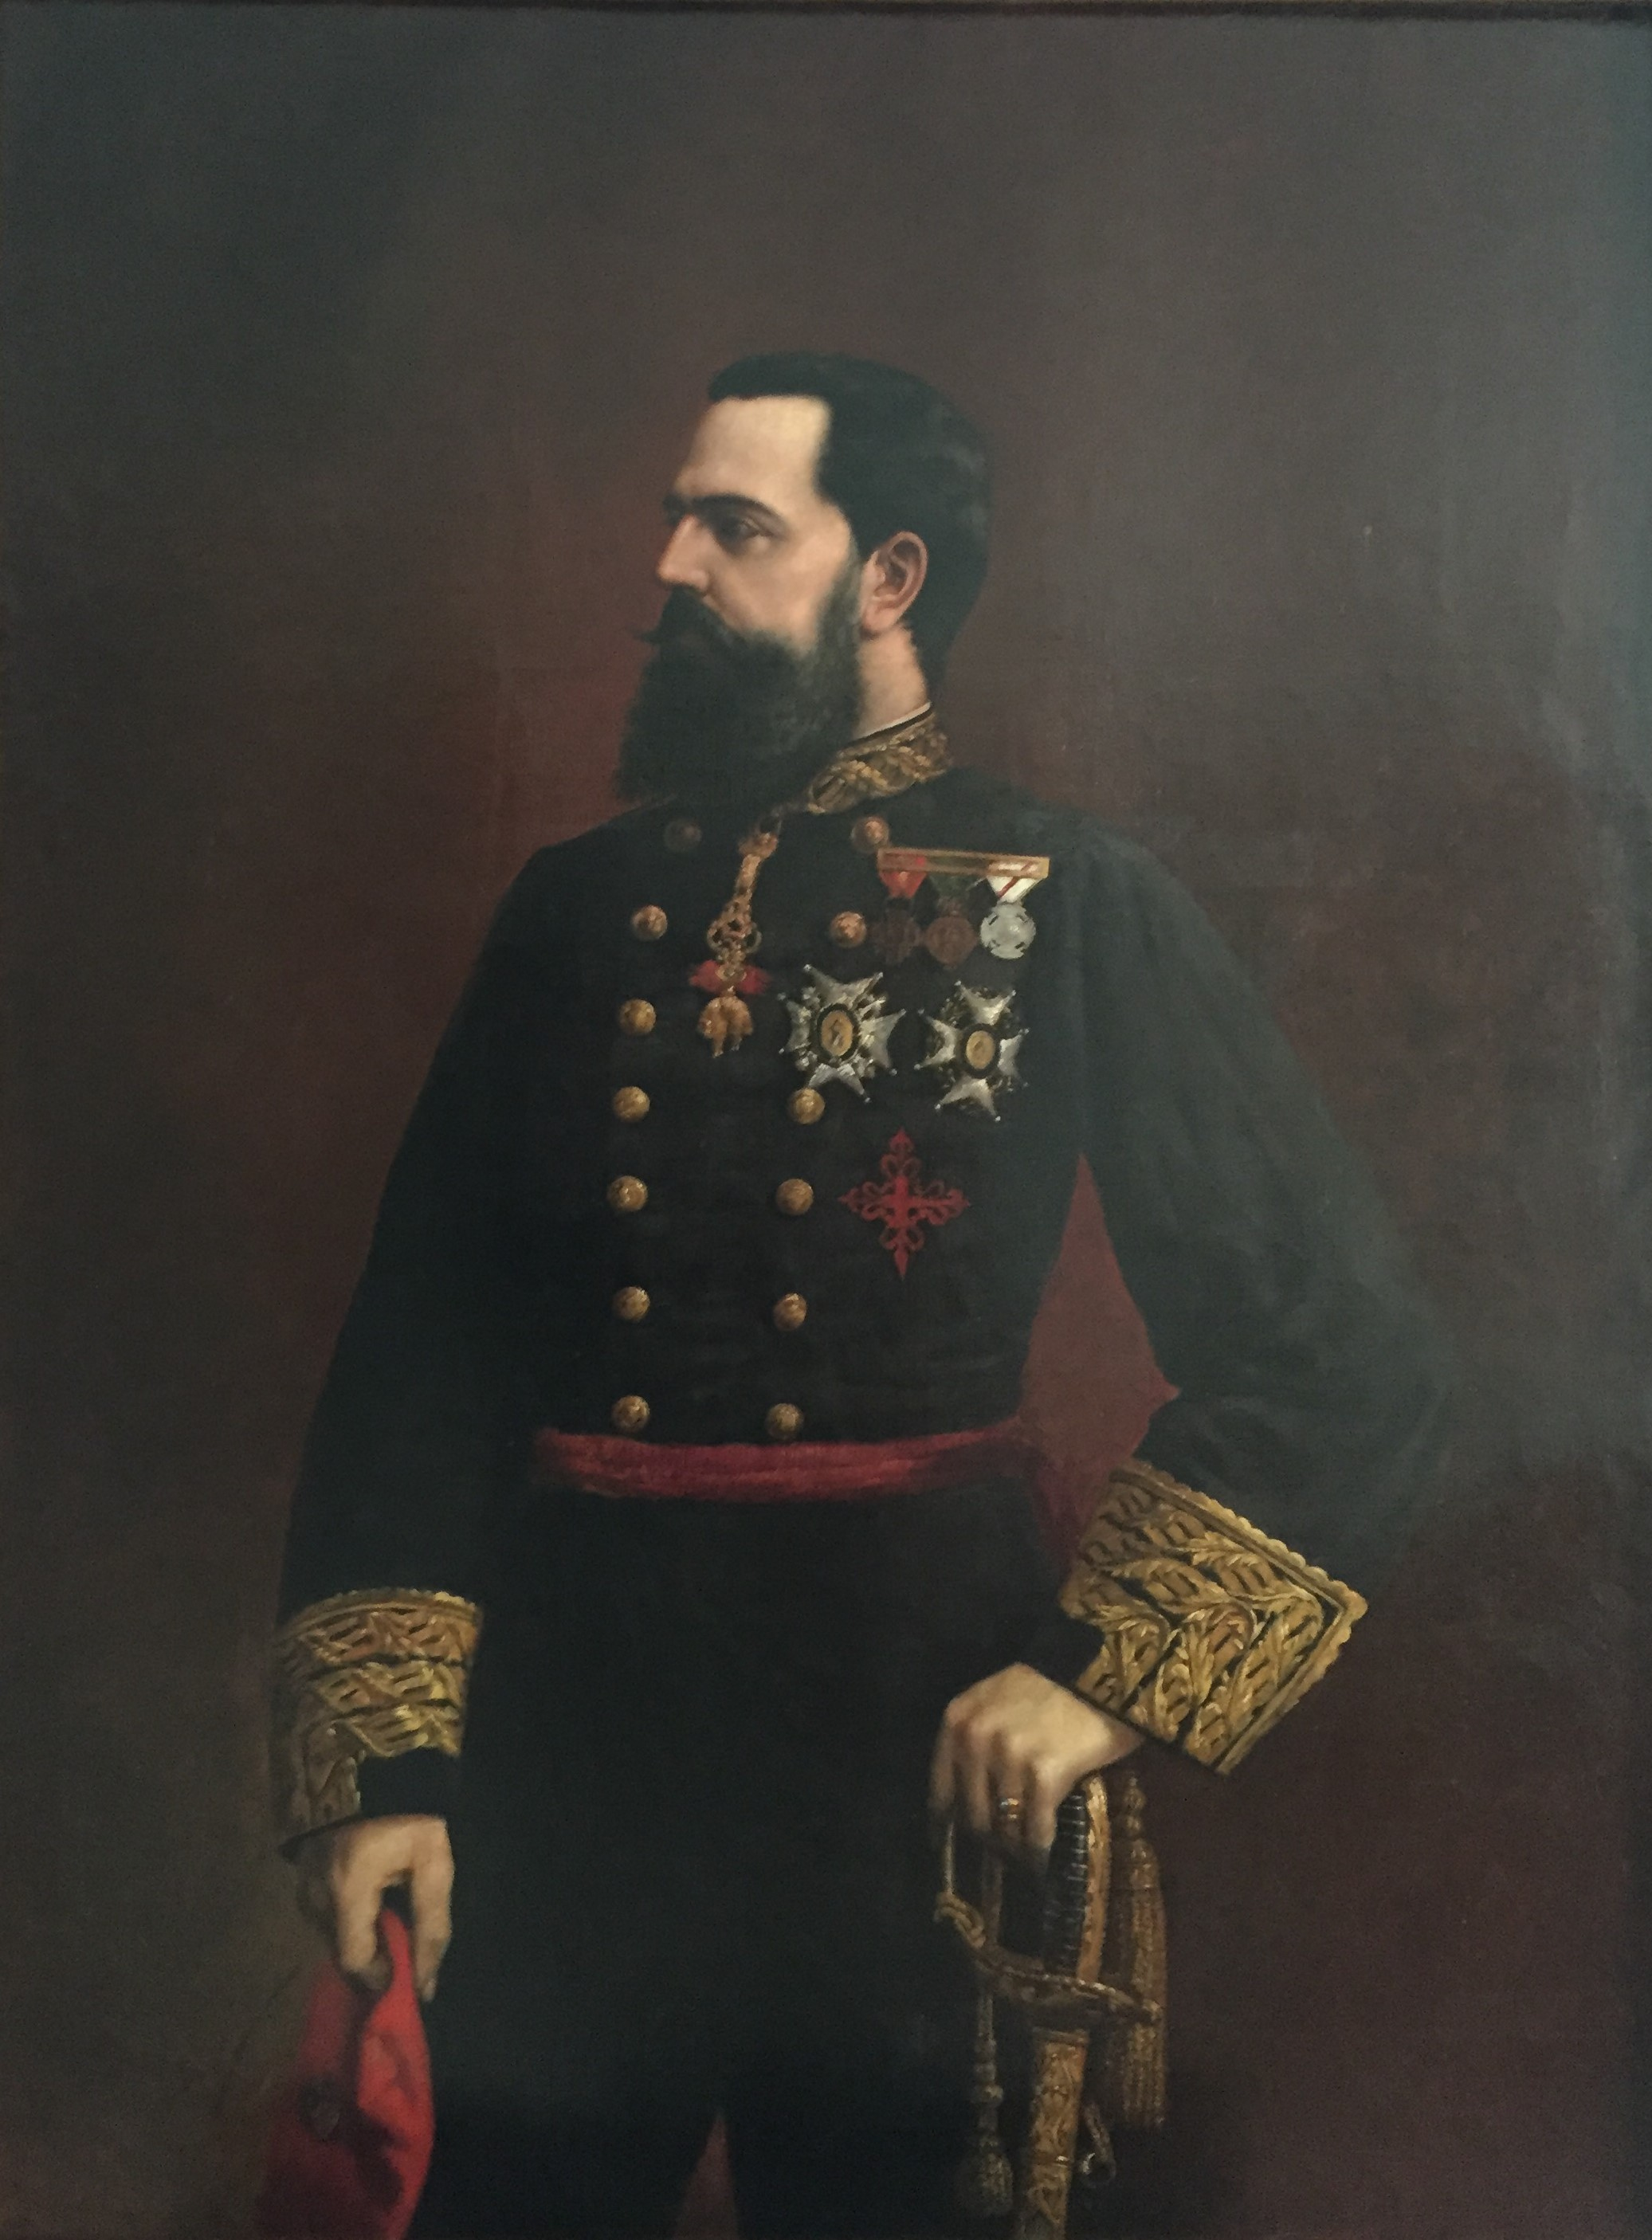 Don Carlos por M Ojeda